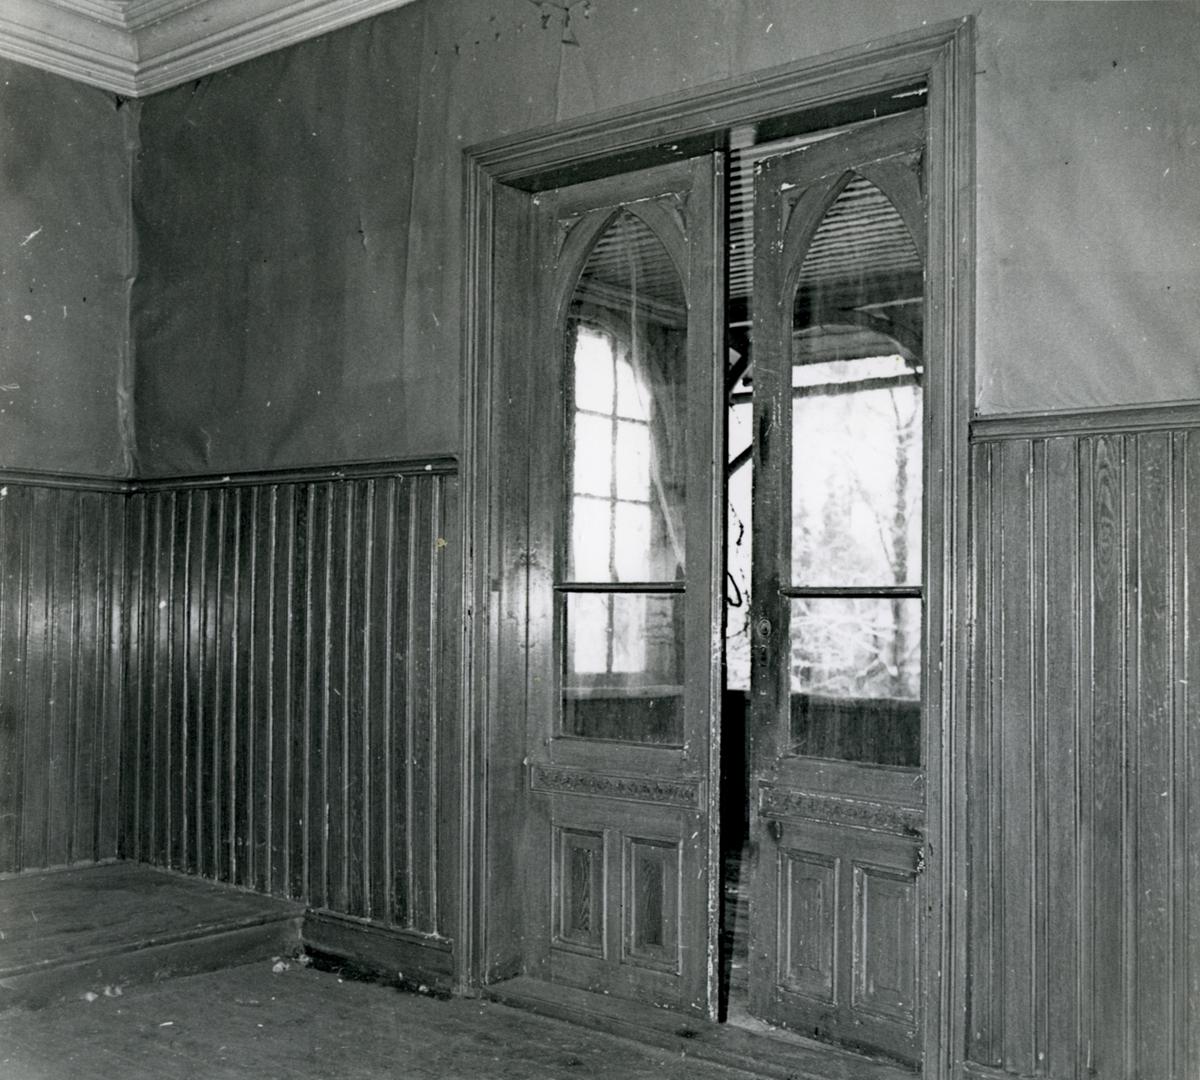 DOK:1970-tallet, Aulestad, Erlinghuset, interiør, dør,